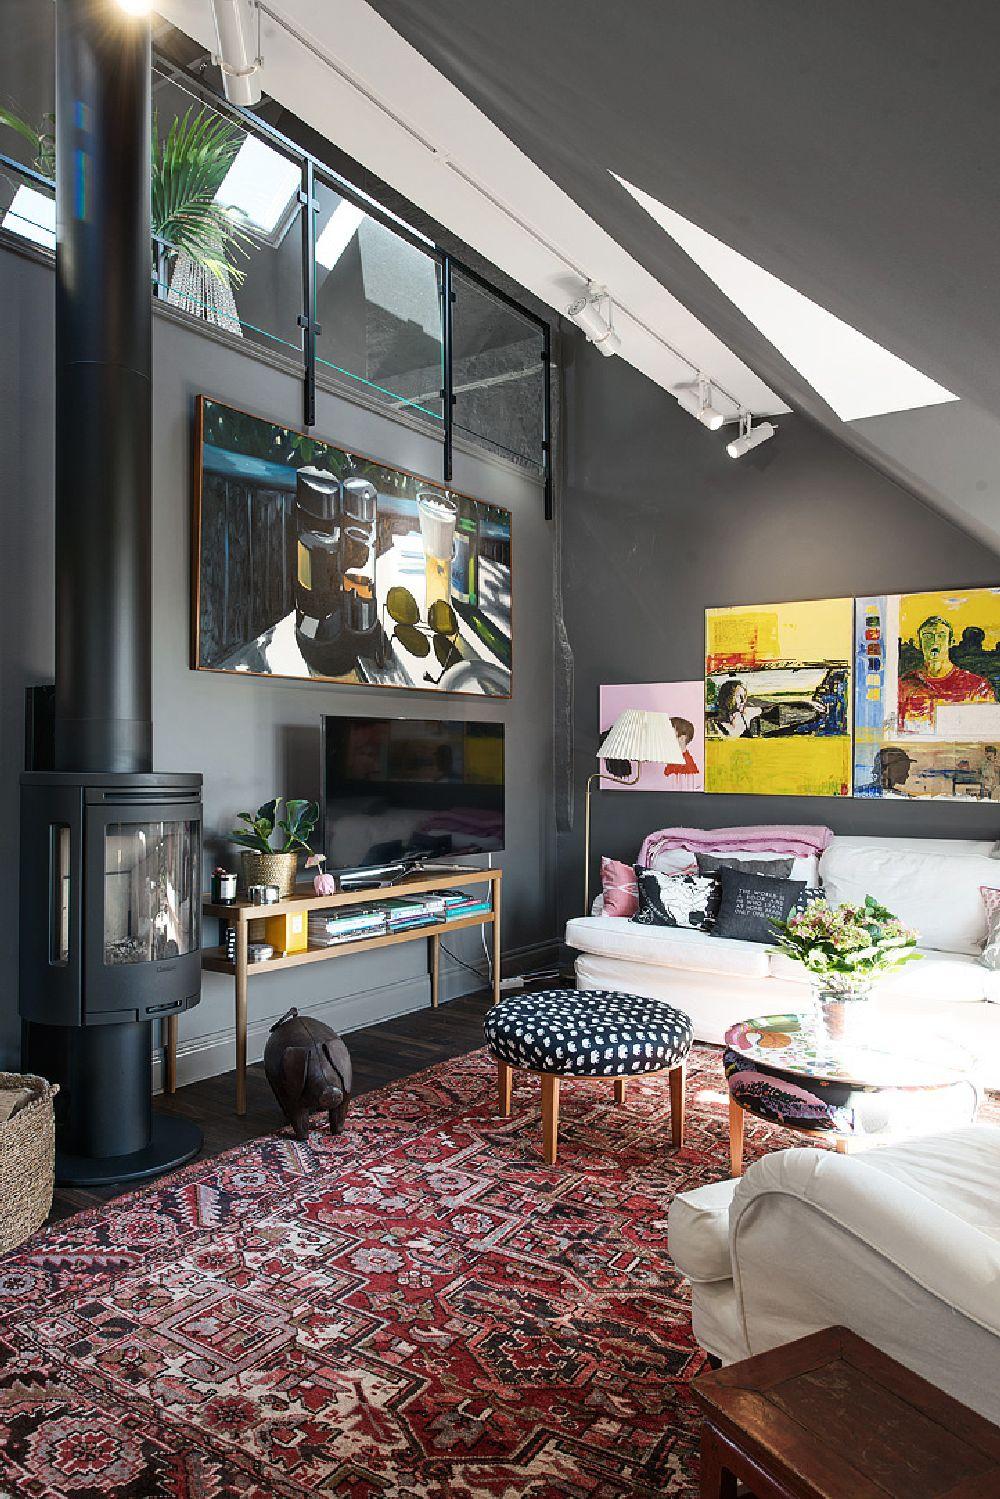 adelaparvu.com despre locuinta la mansarda cu pereti gri inchis, loft 120 mp Suedia, Foto Alvhem makleri (25)